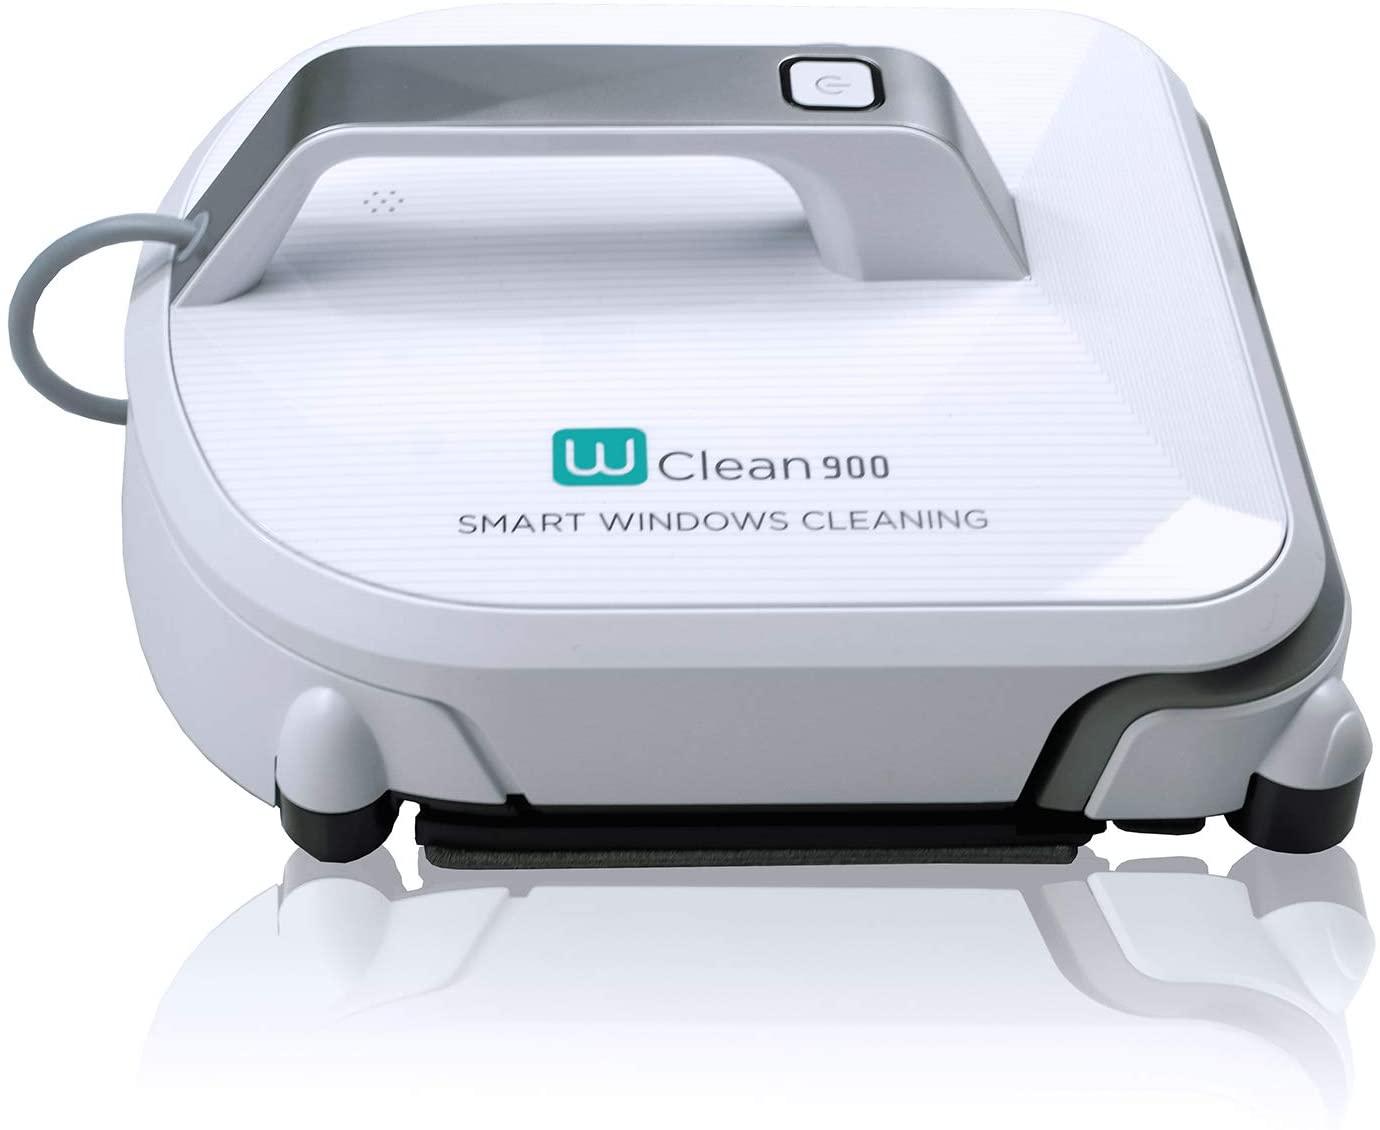 robot-limpiacristales-novohogar-w-clean900.jpg